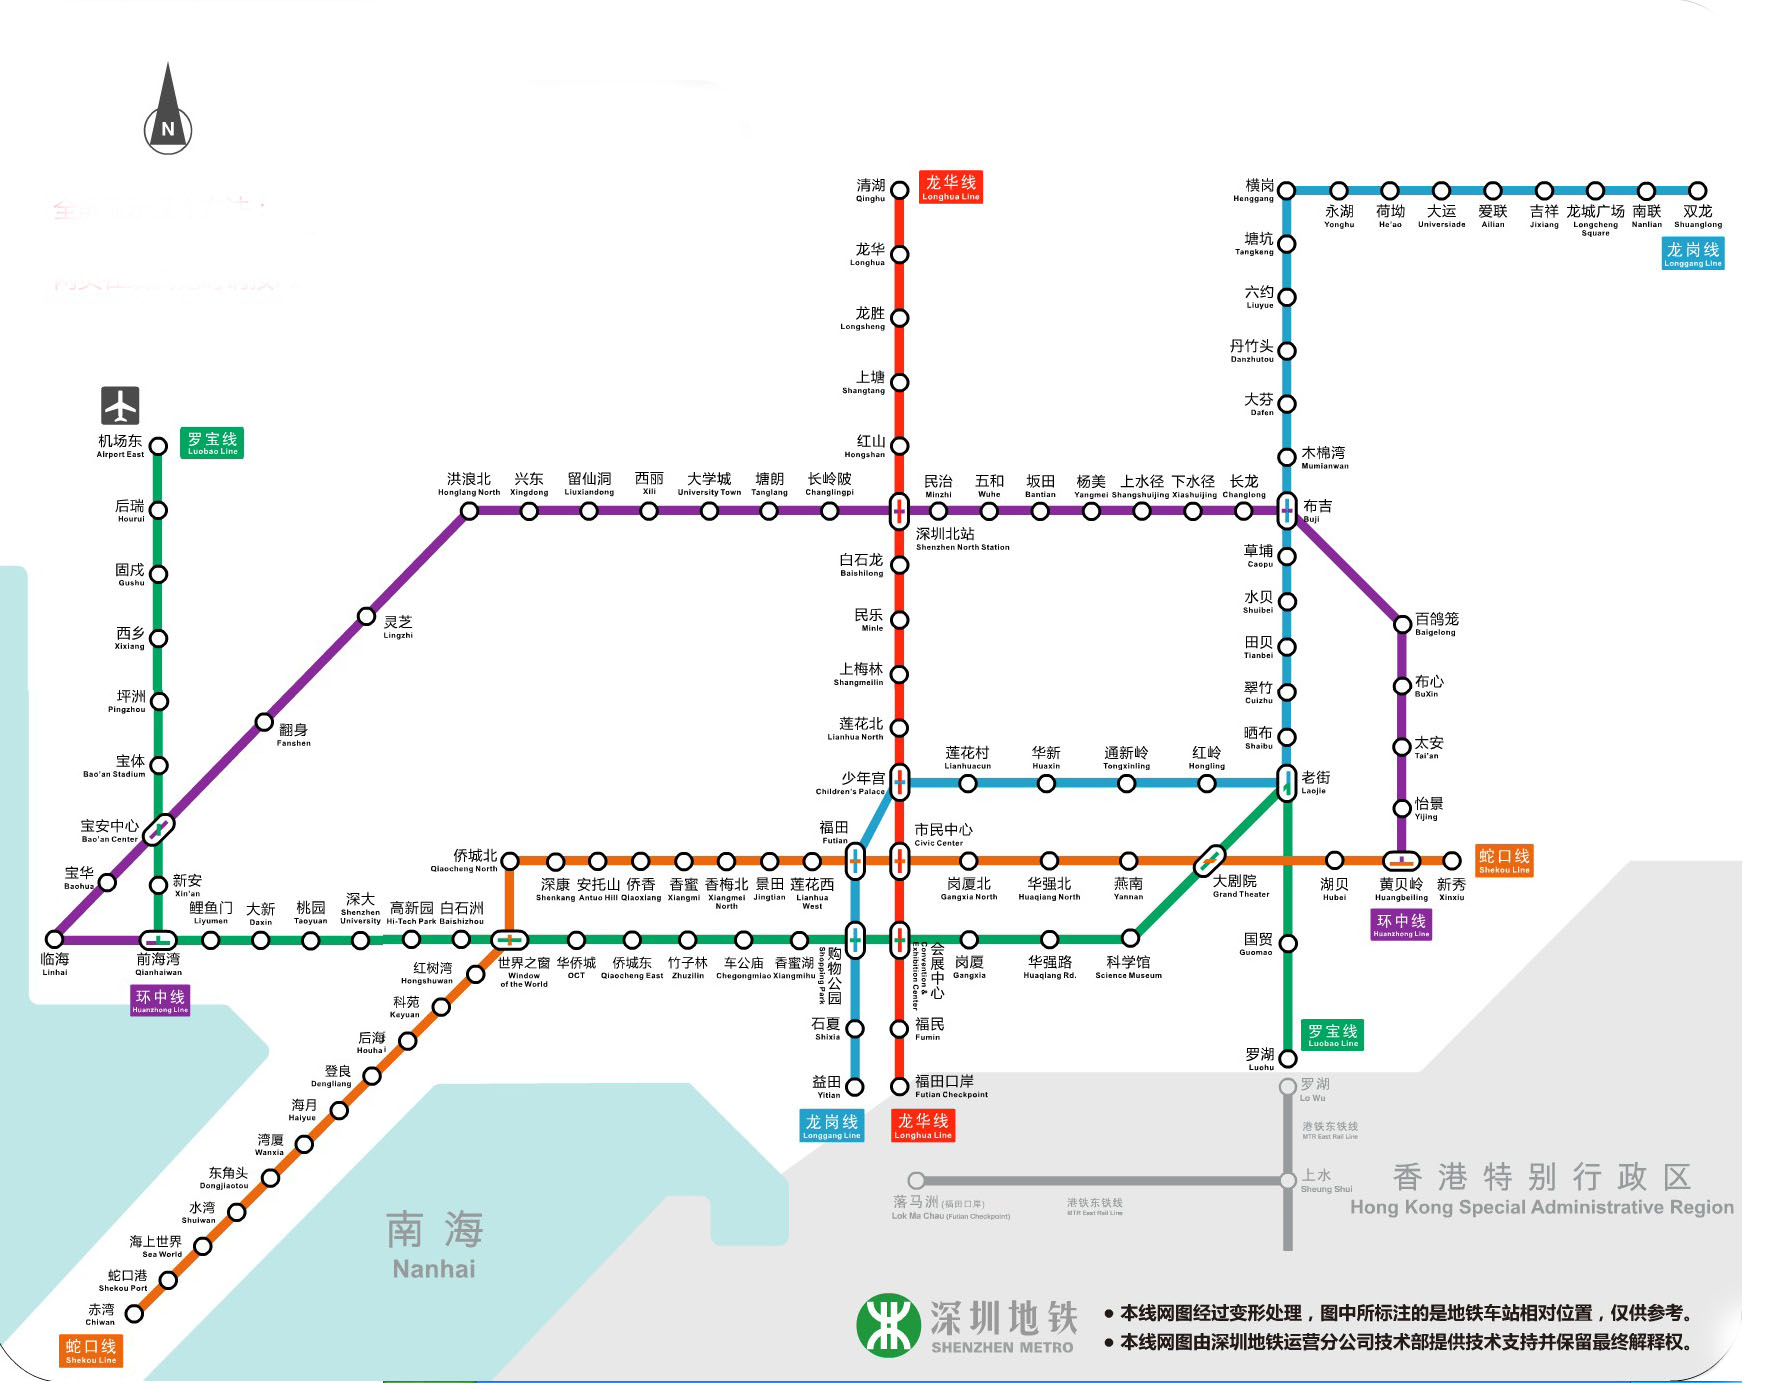 深圳地图线路_求最新深圳地铁线路图?_百度知道